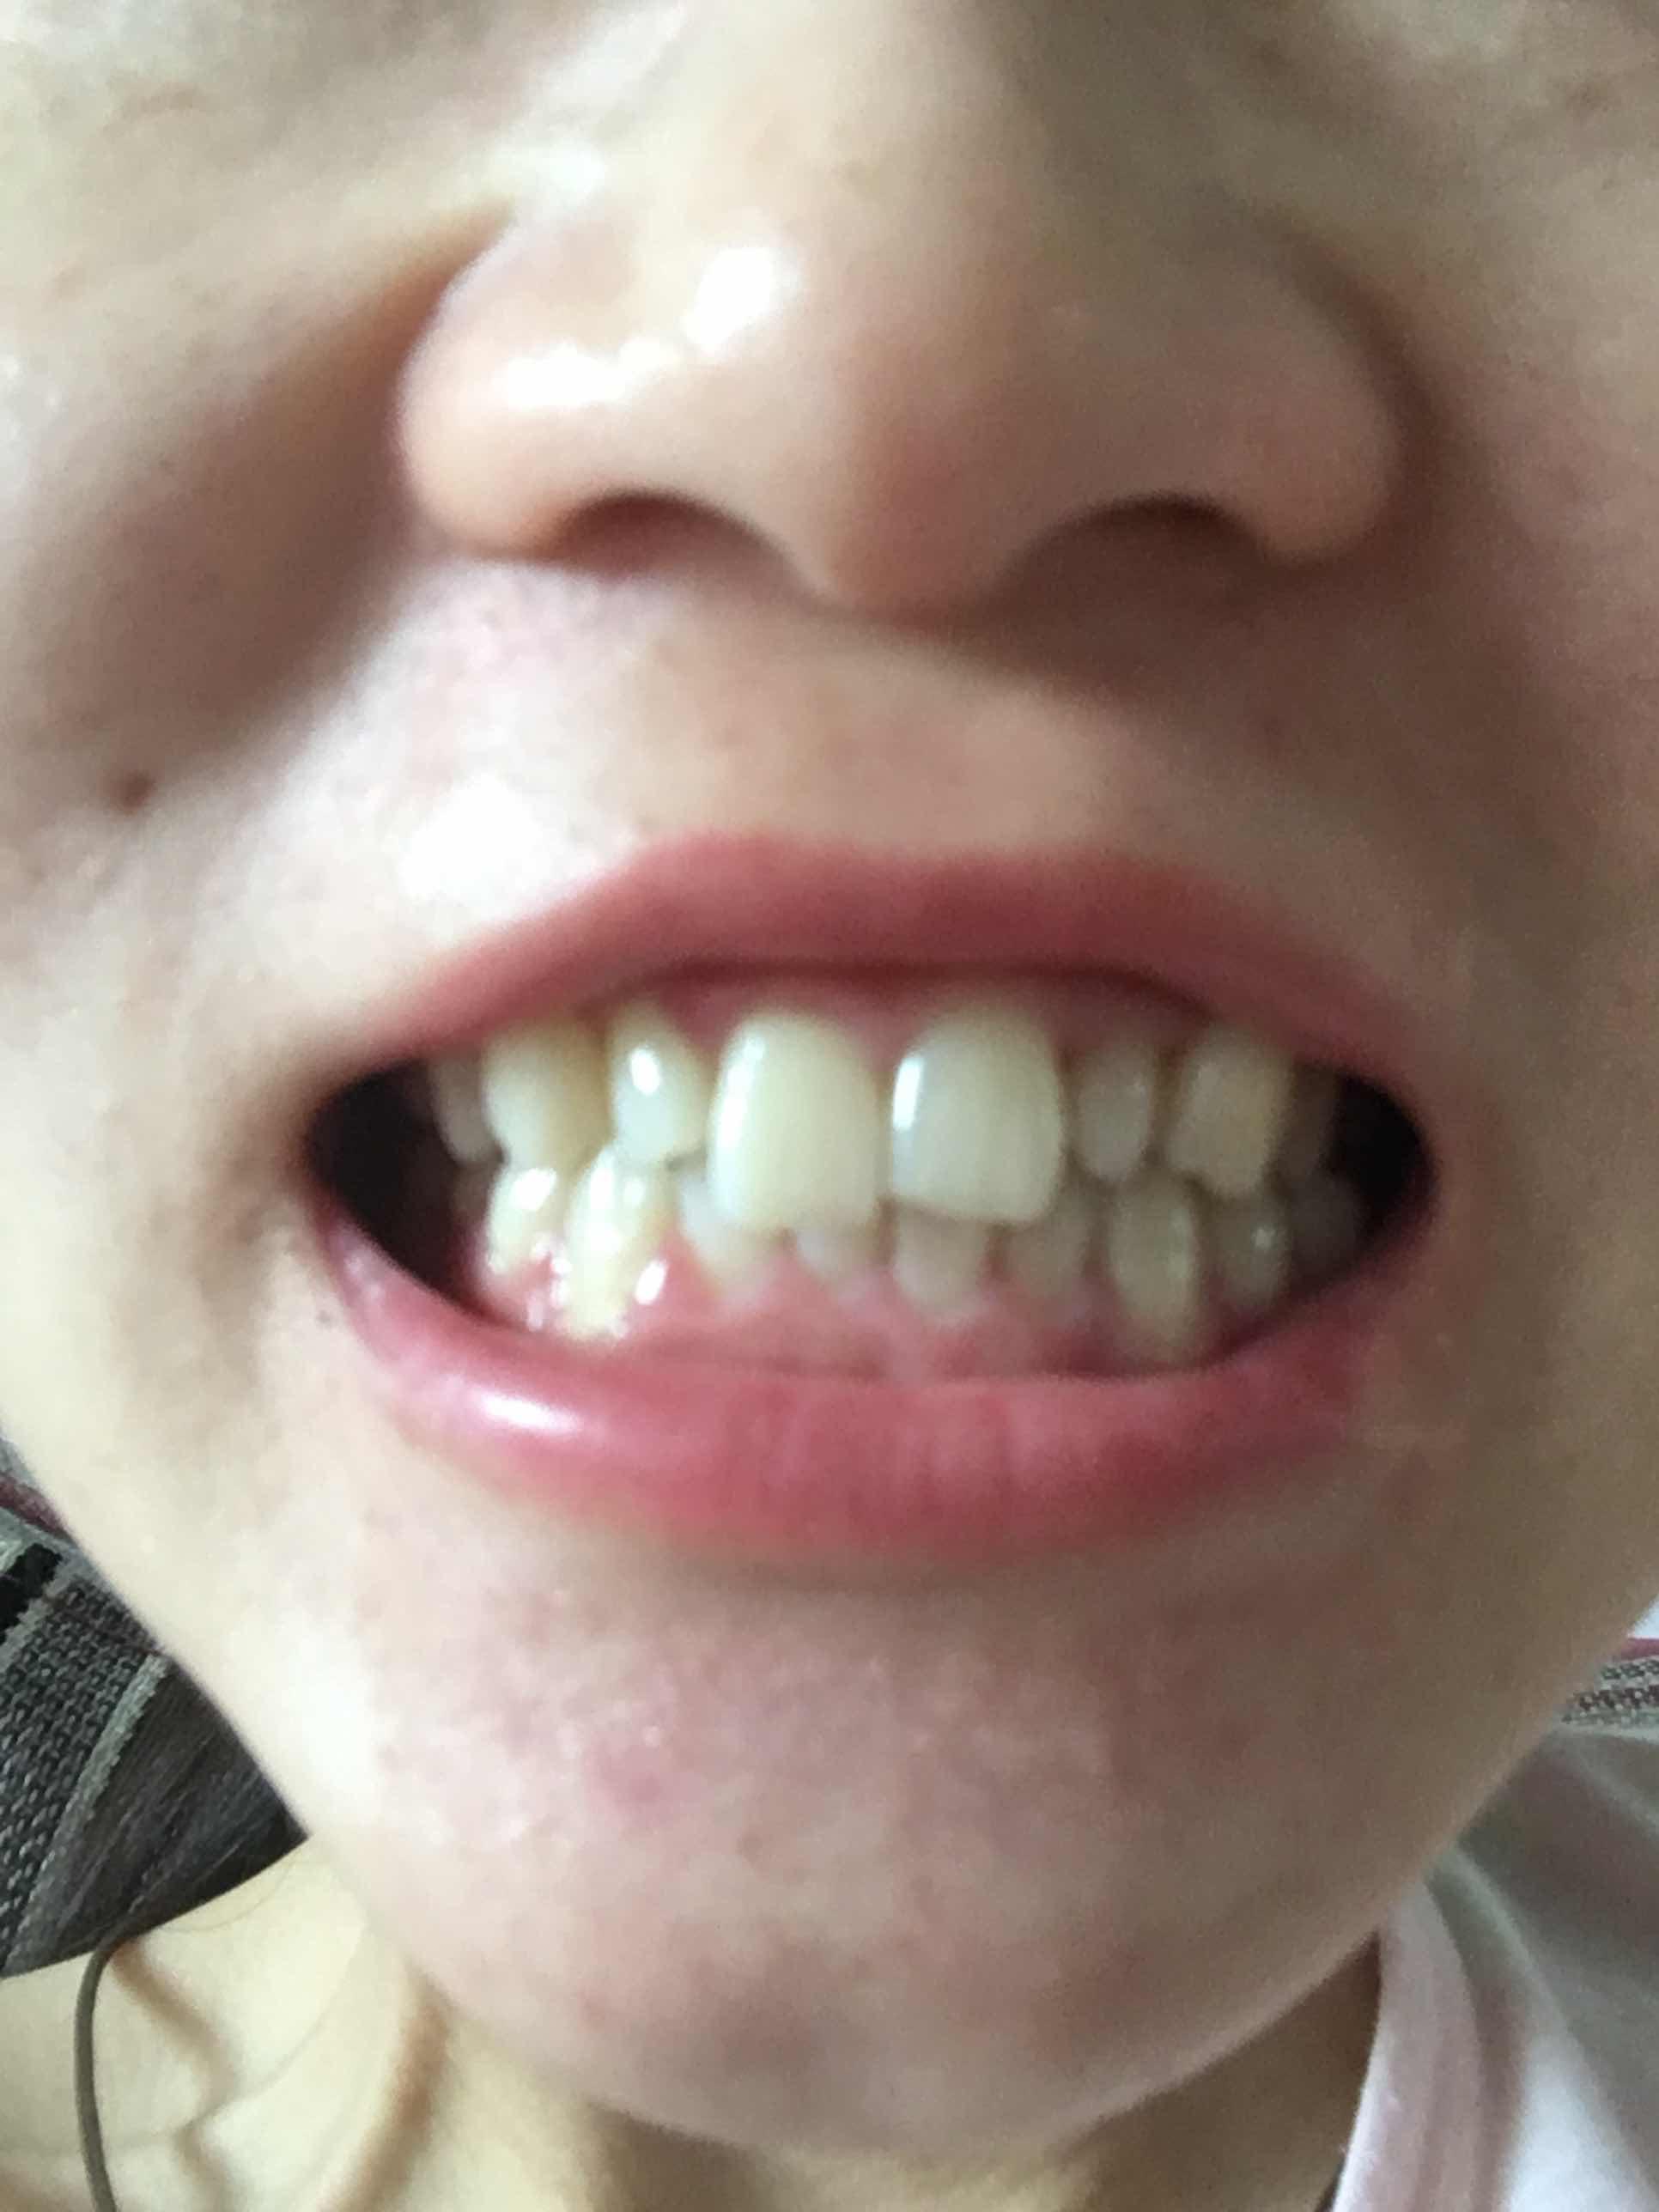 牙不整齐怎么办,请问这样的牙齿可以矫正吗,还能让牙齿在一条线上吗